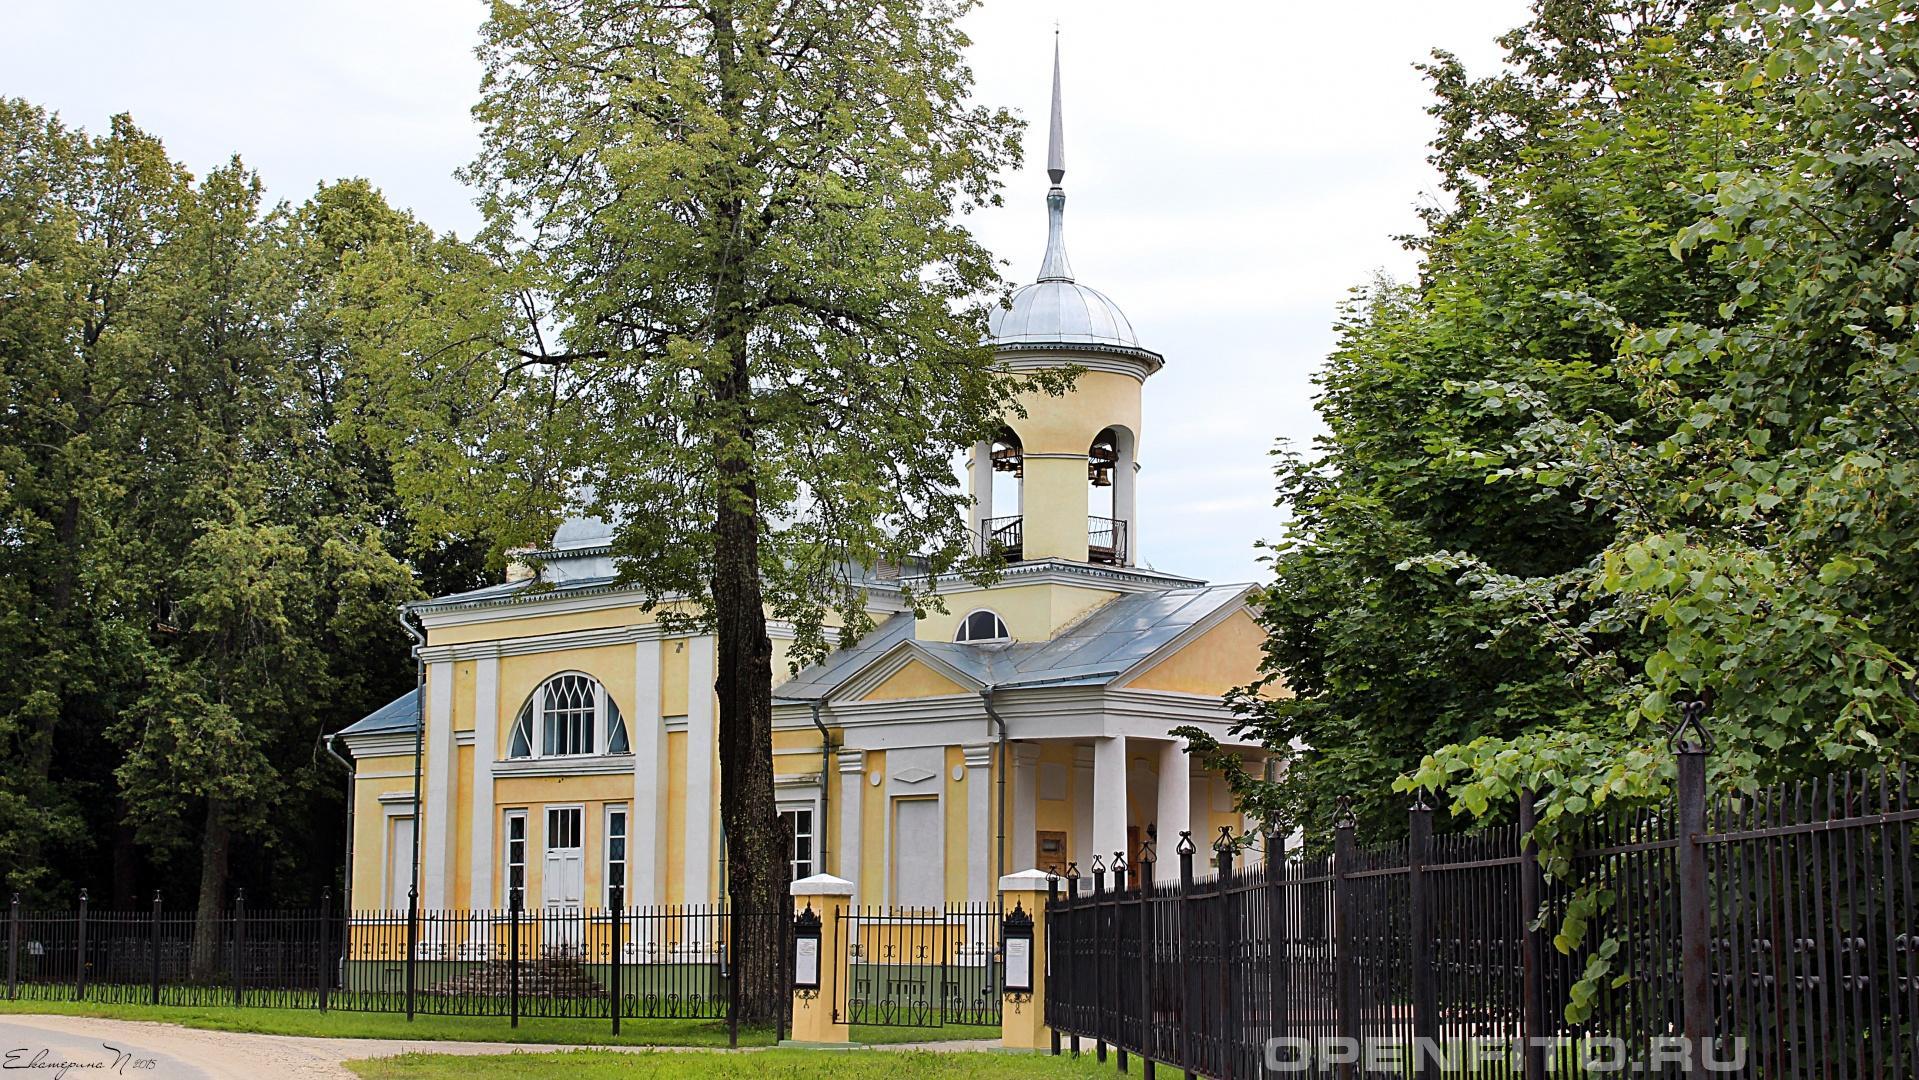 Покровский храм Усадьба Брянчаниновых, село Покровское, Вологодской области